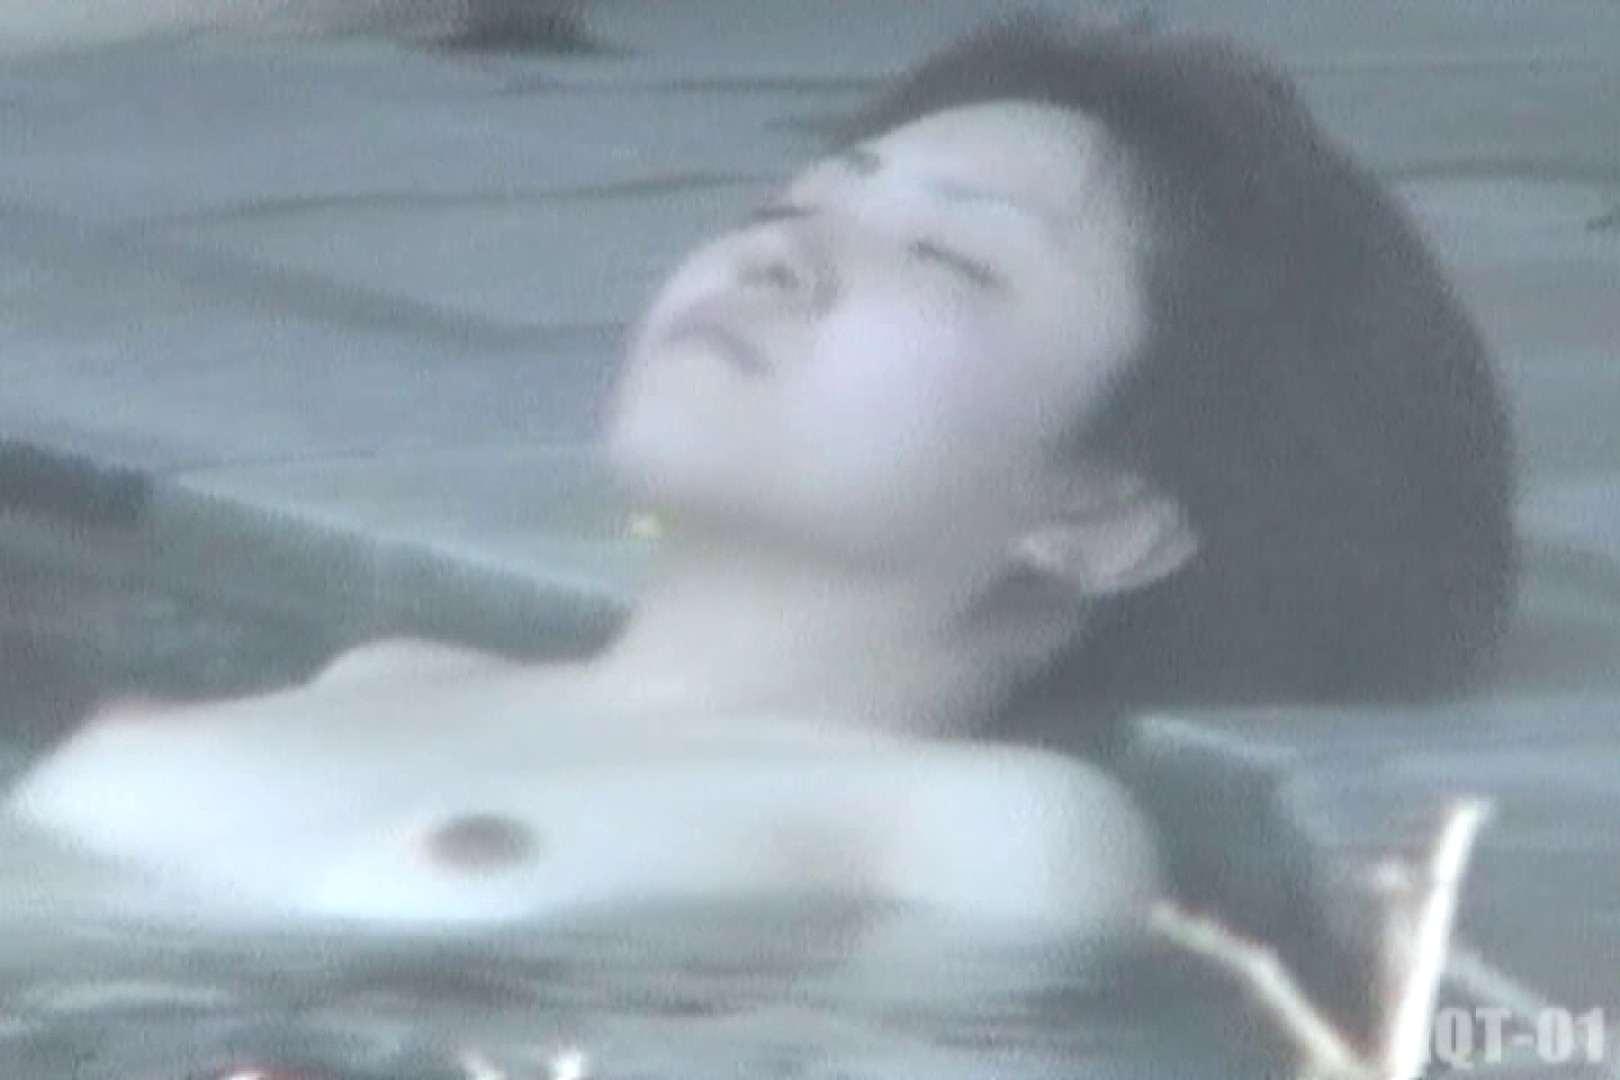 Aquaな露天風呂Vol.720 露天 スケベ動画紹介 103画像 8